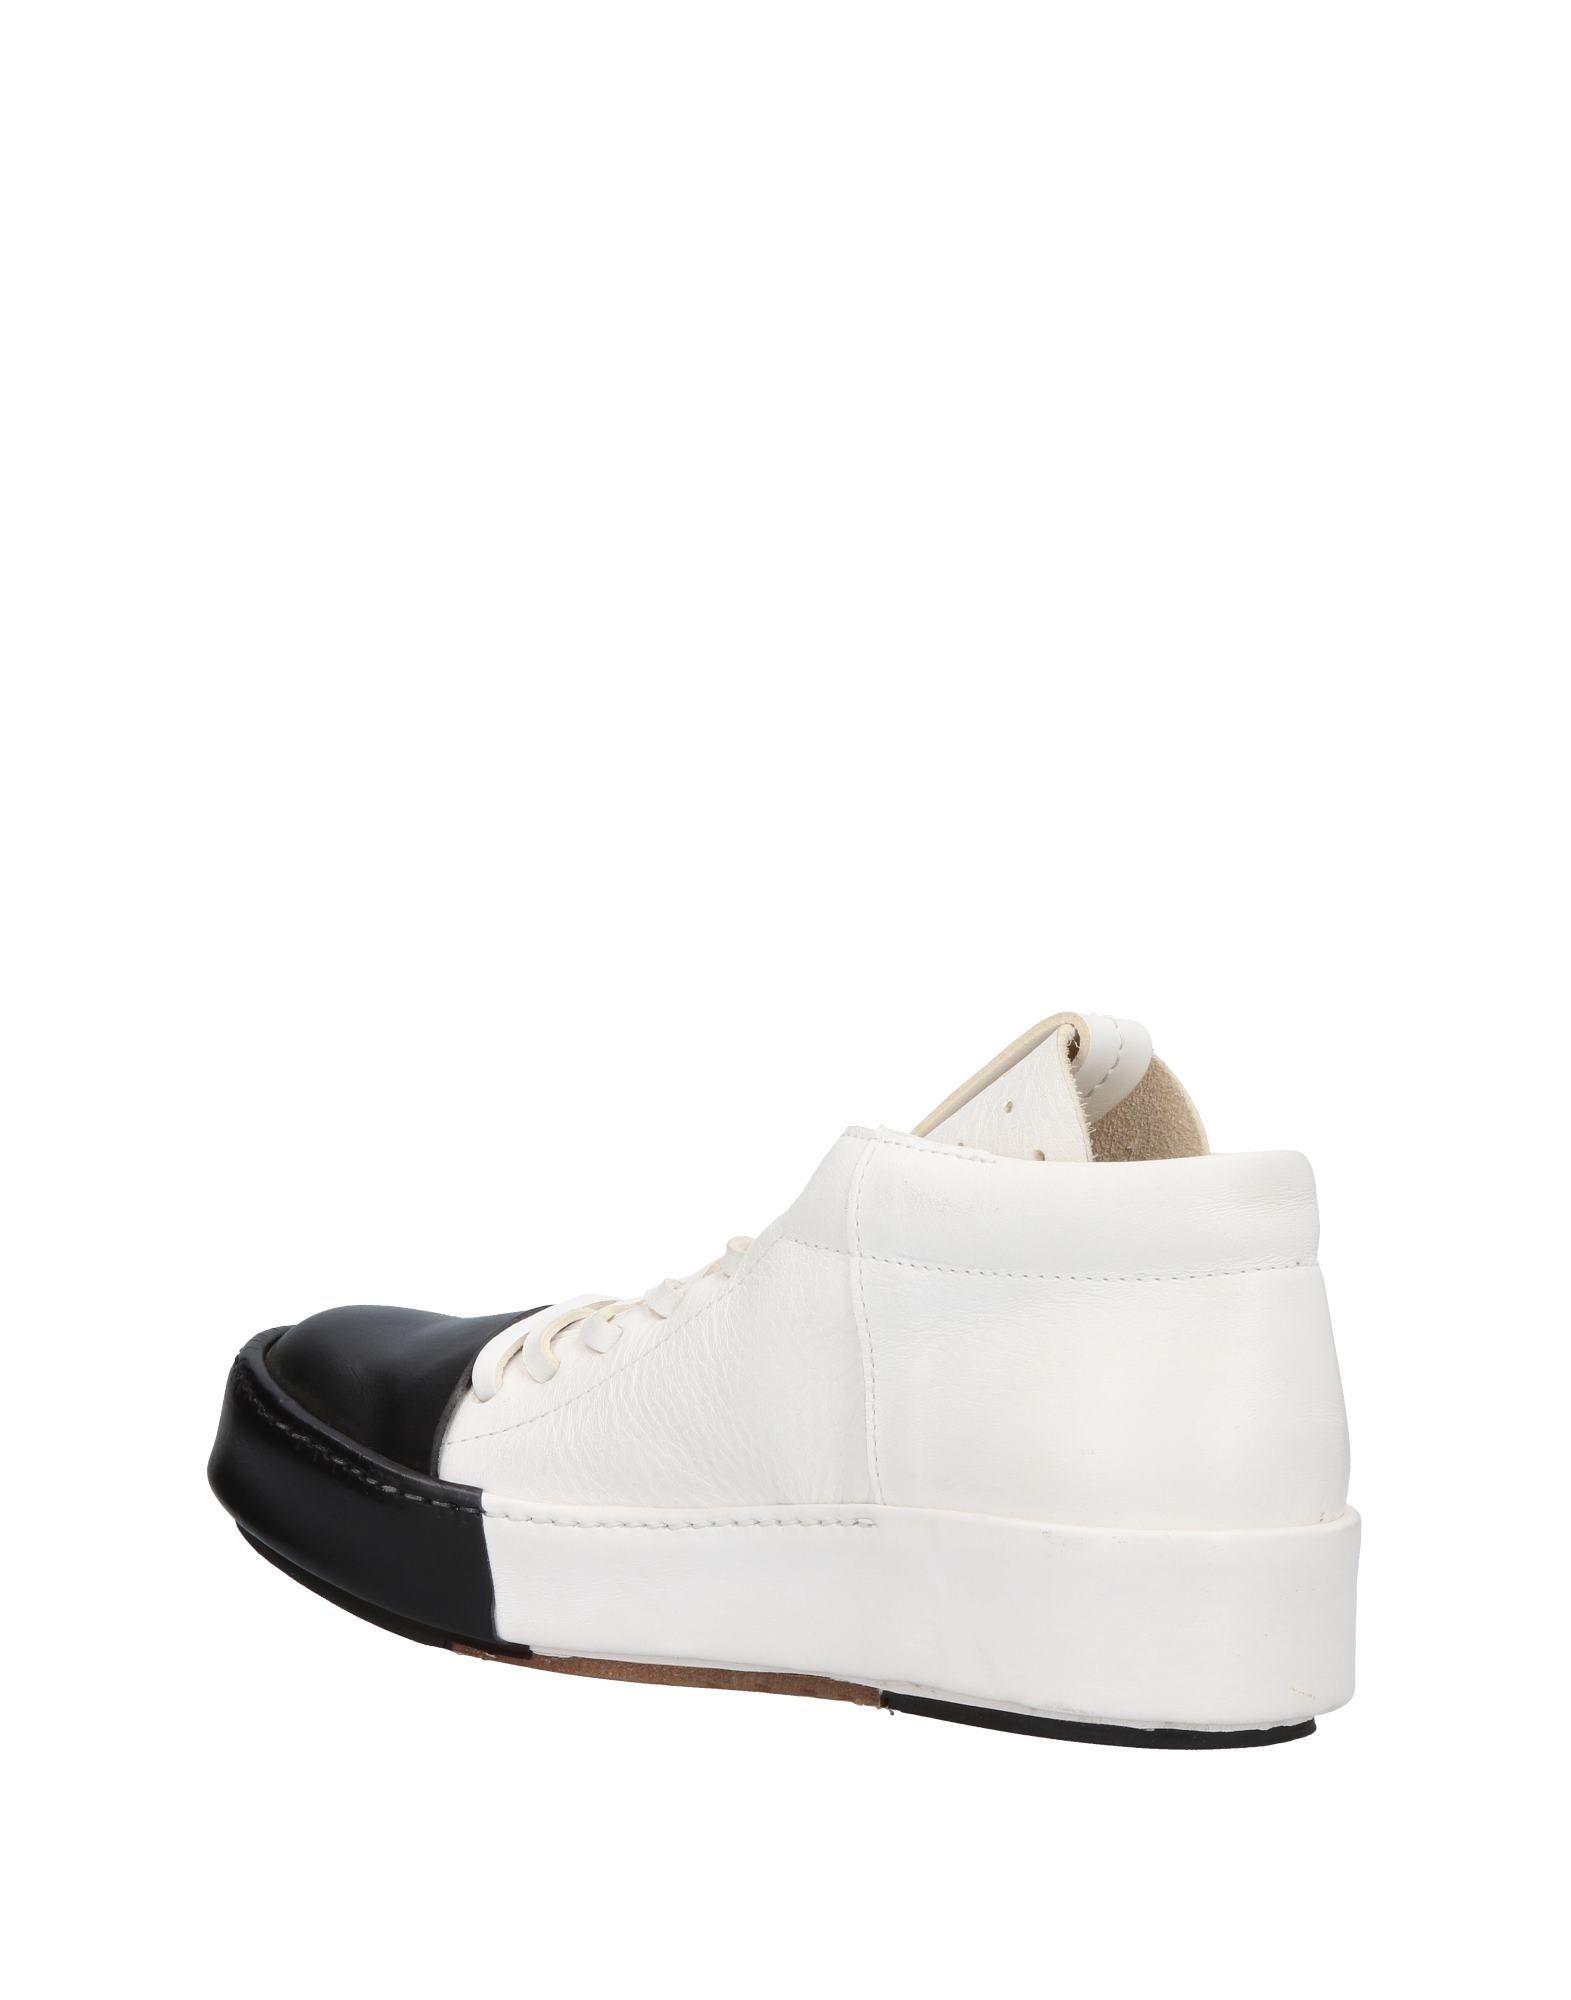 Sneakers Artselab Homme - Sneakers Artselab sur